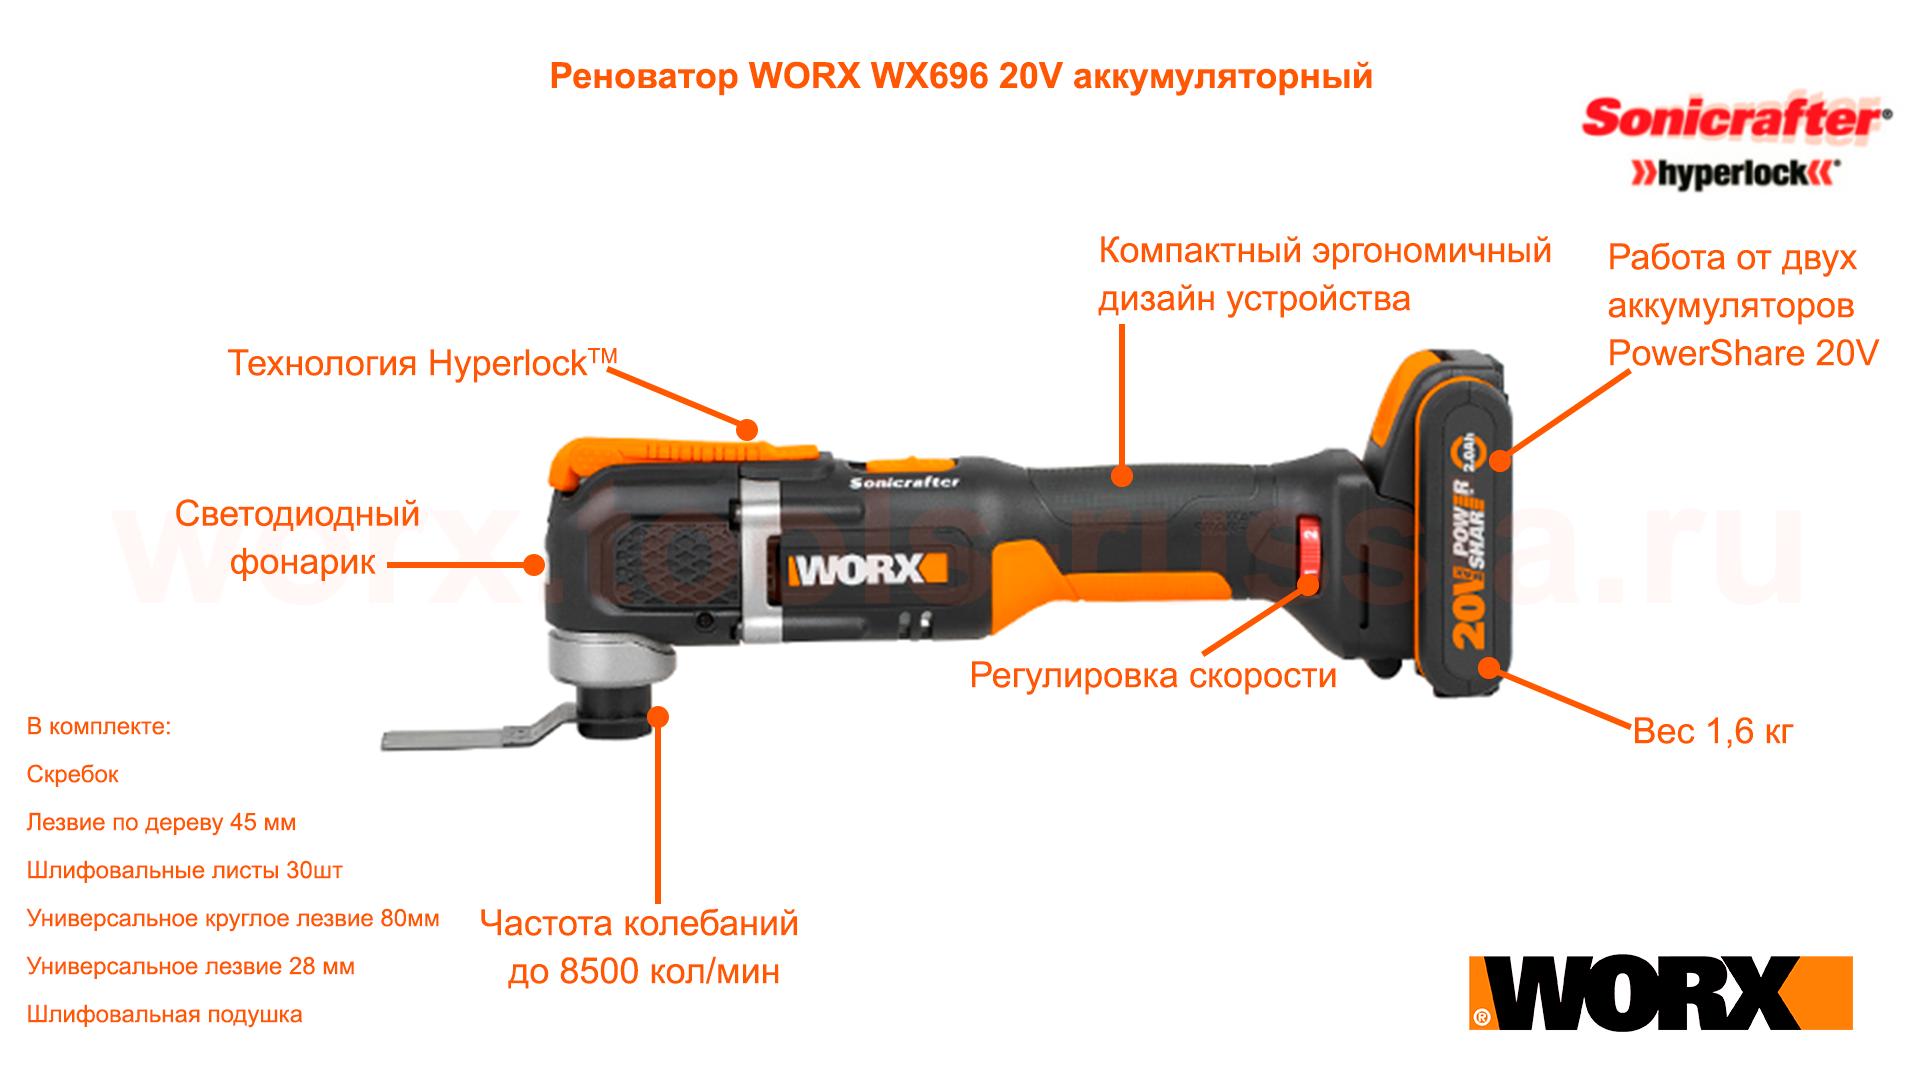 renovator-worx-wx696-20v-akkumulyatornyy.png